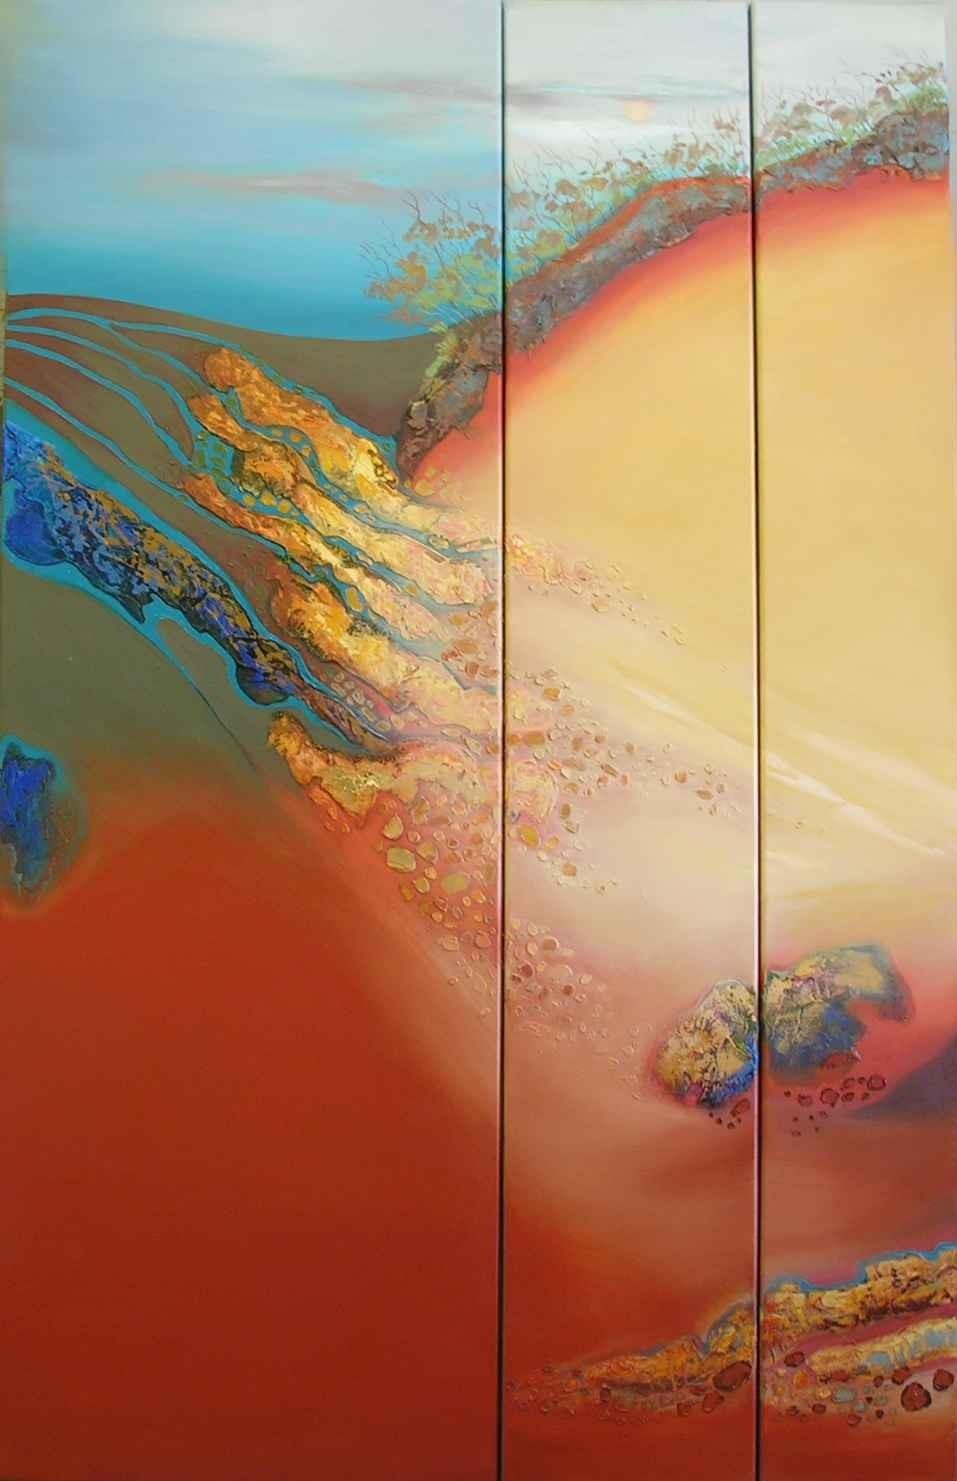 (SING)Scatterings 96x150cm - Triptych $3300